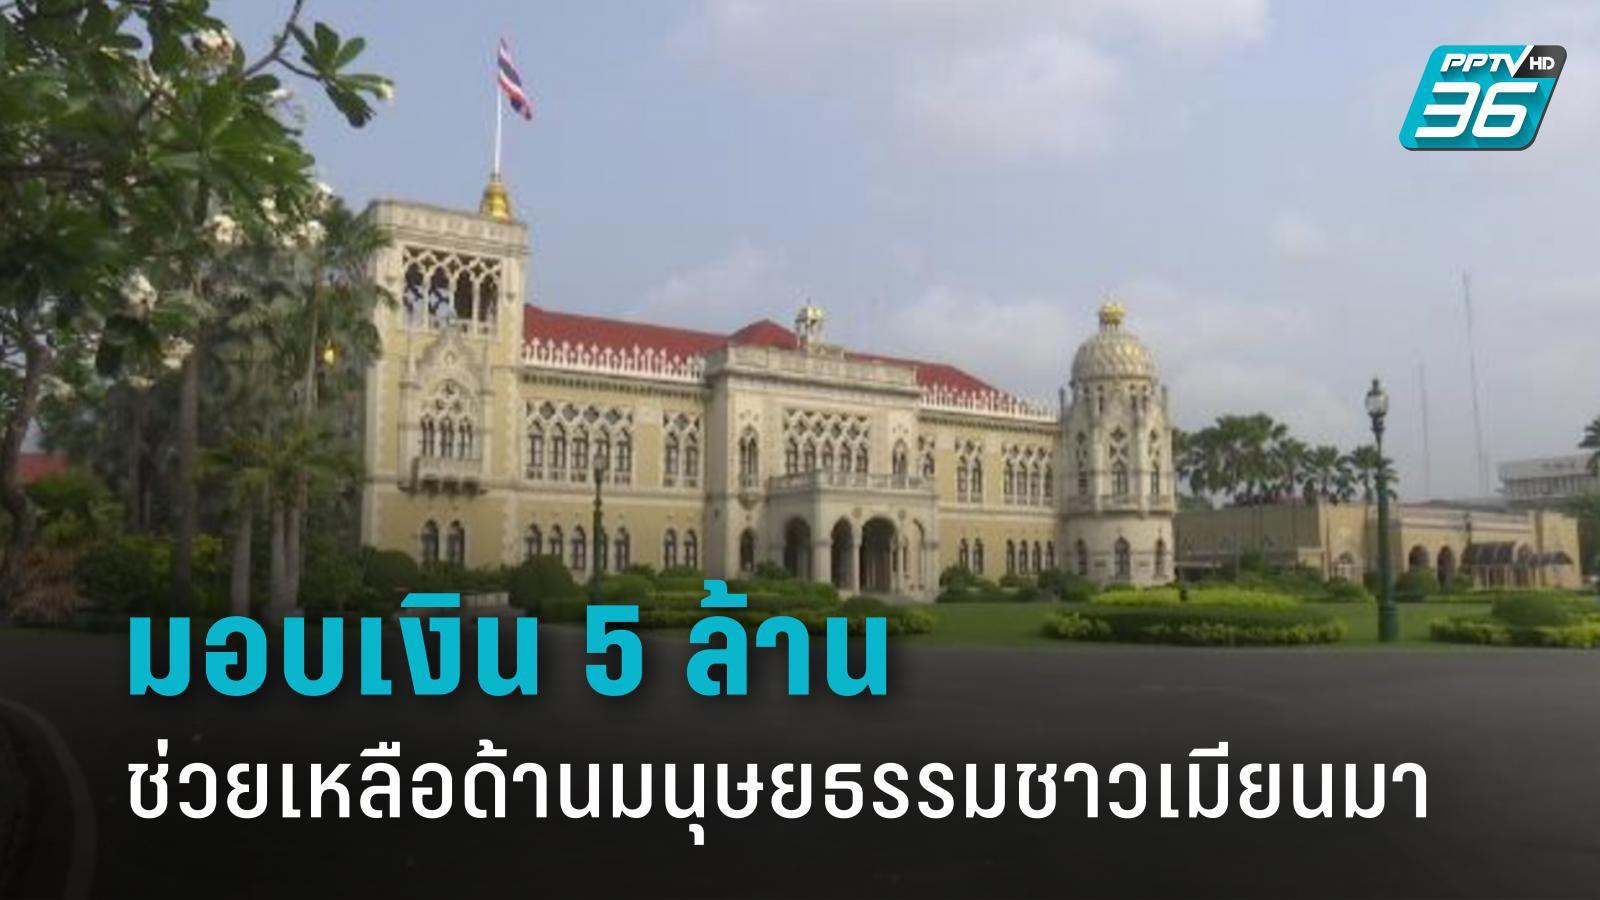 รบ. มอบเงินสภากาชาดไทย  5 ล้านบาท ช่วยเหลือด้านมนุษยธรรมชาวเมียนมา